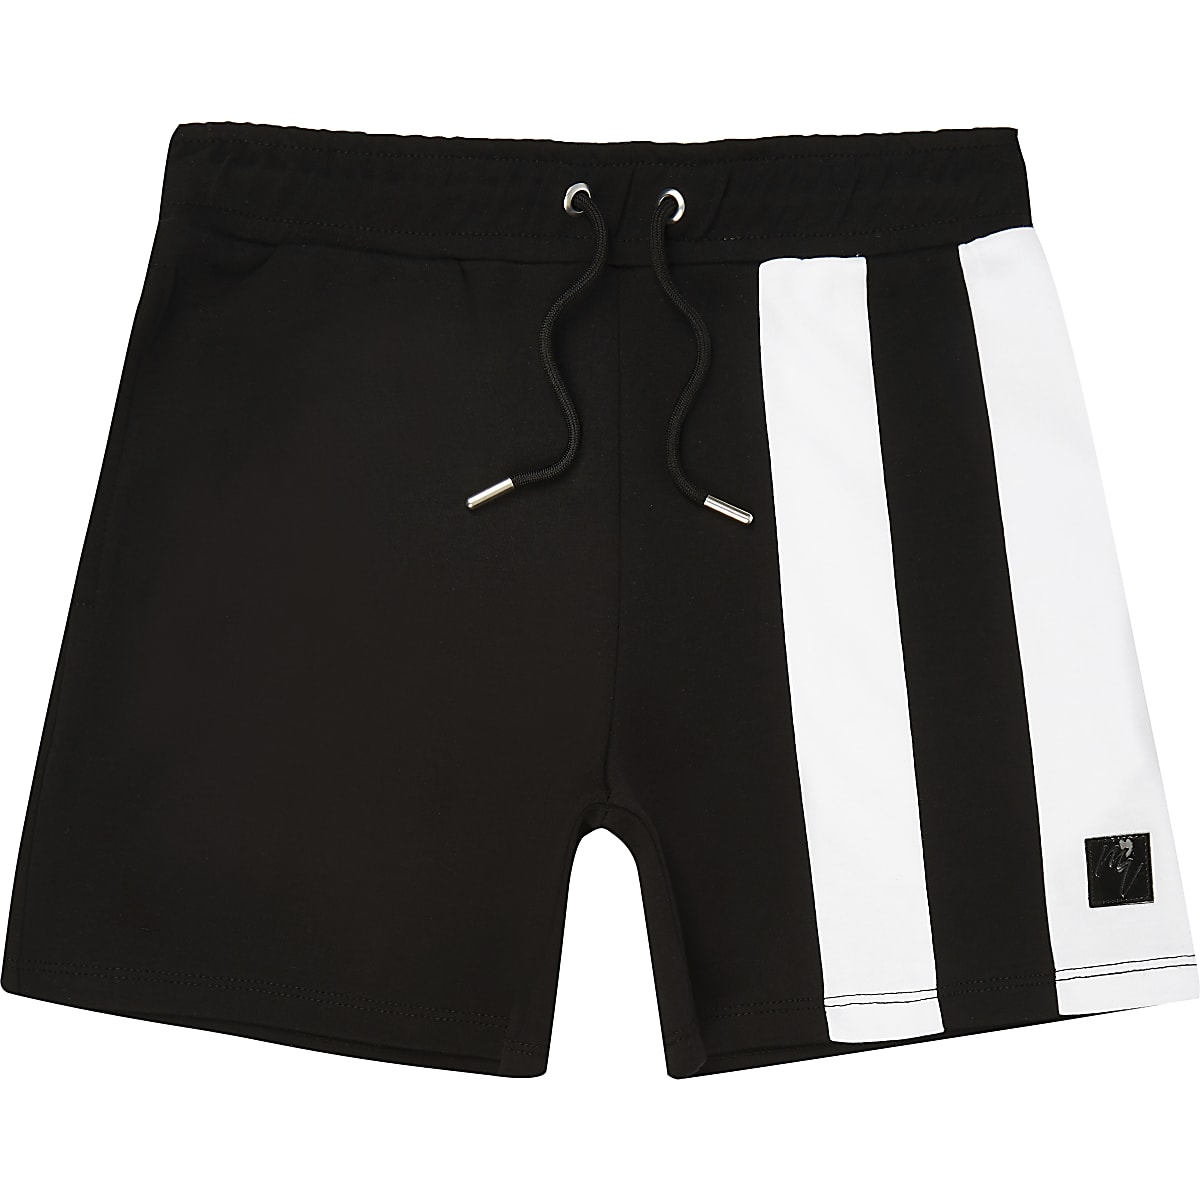 Schwarze, gestreifte Jersey-Shorts